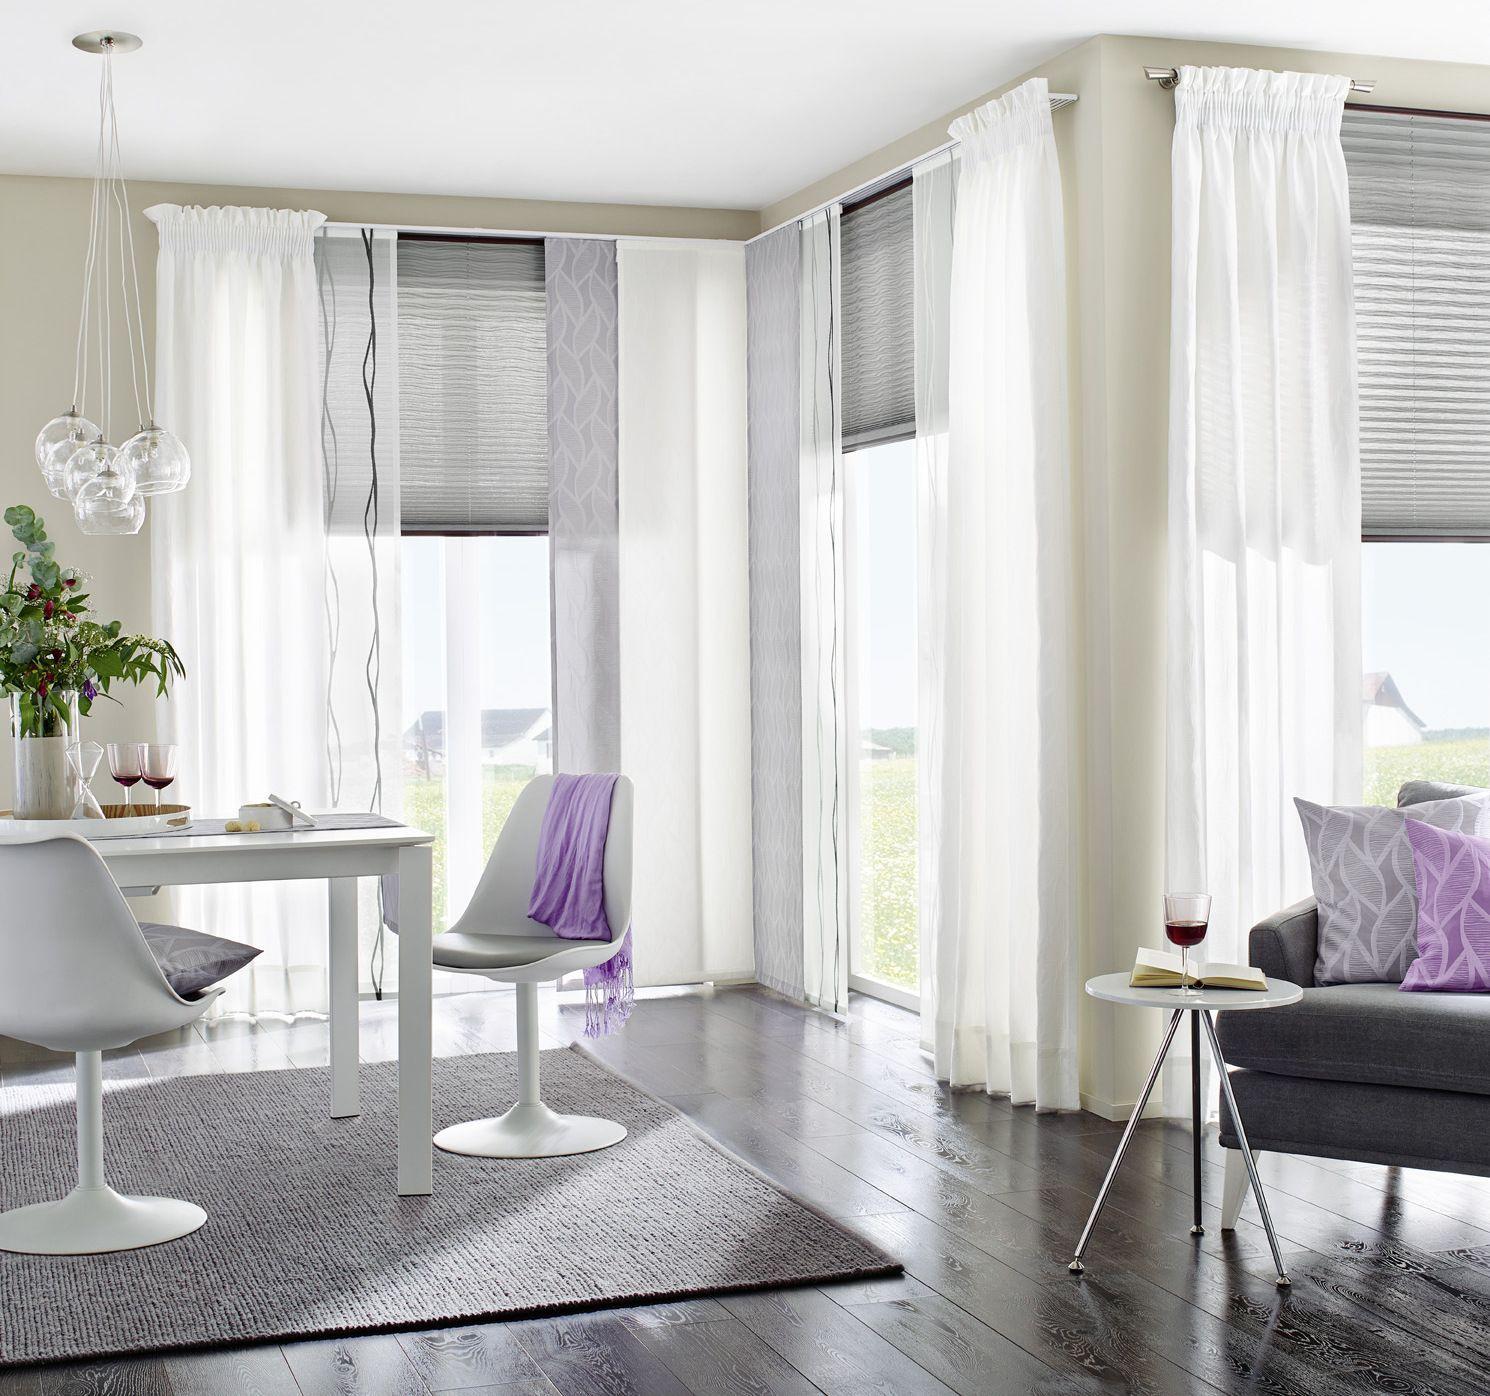 gardinen wohnzimmer plissee | ideen für jugendzimmer mit ...